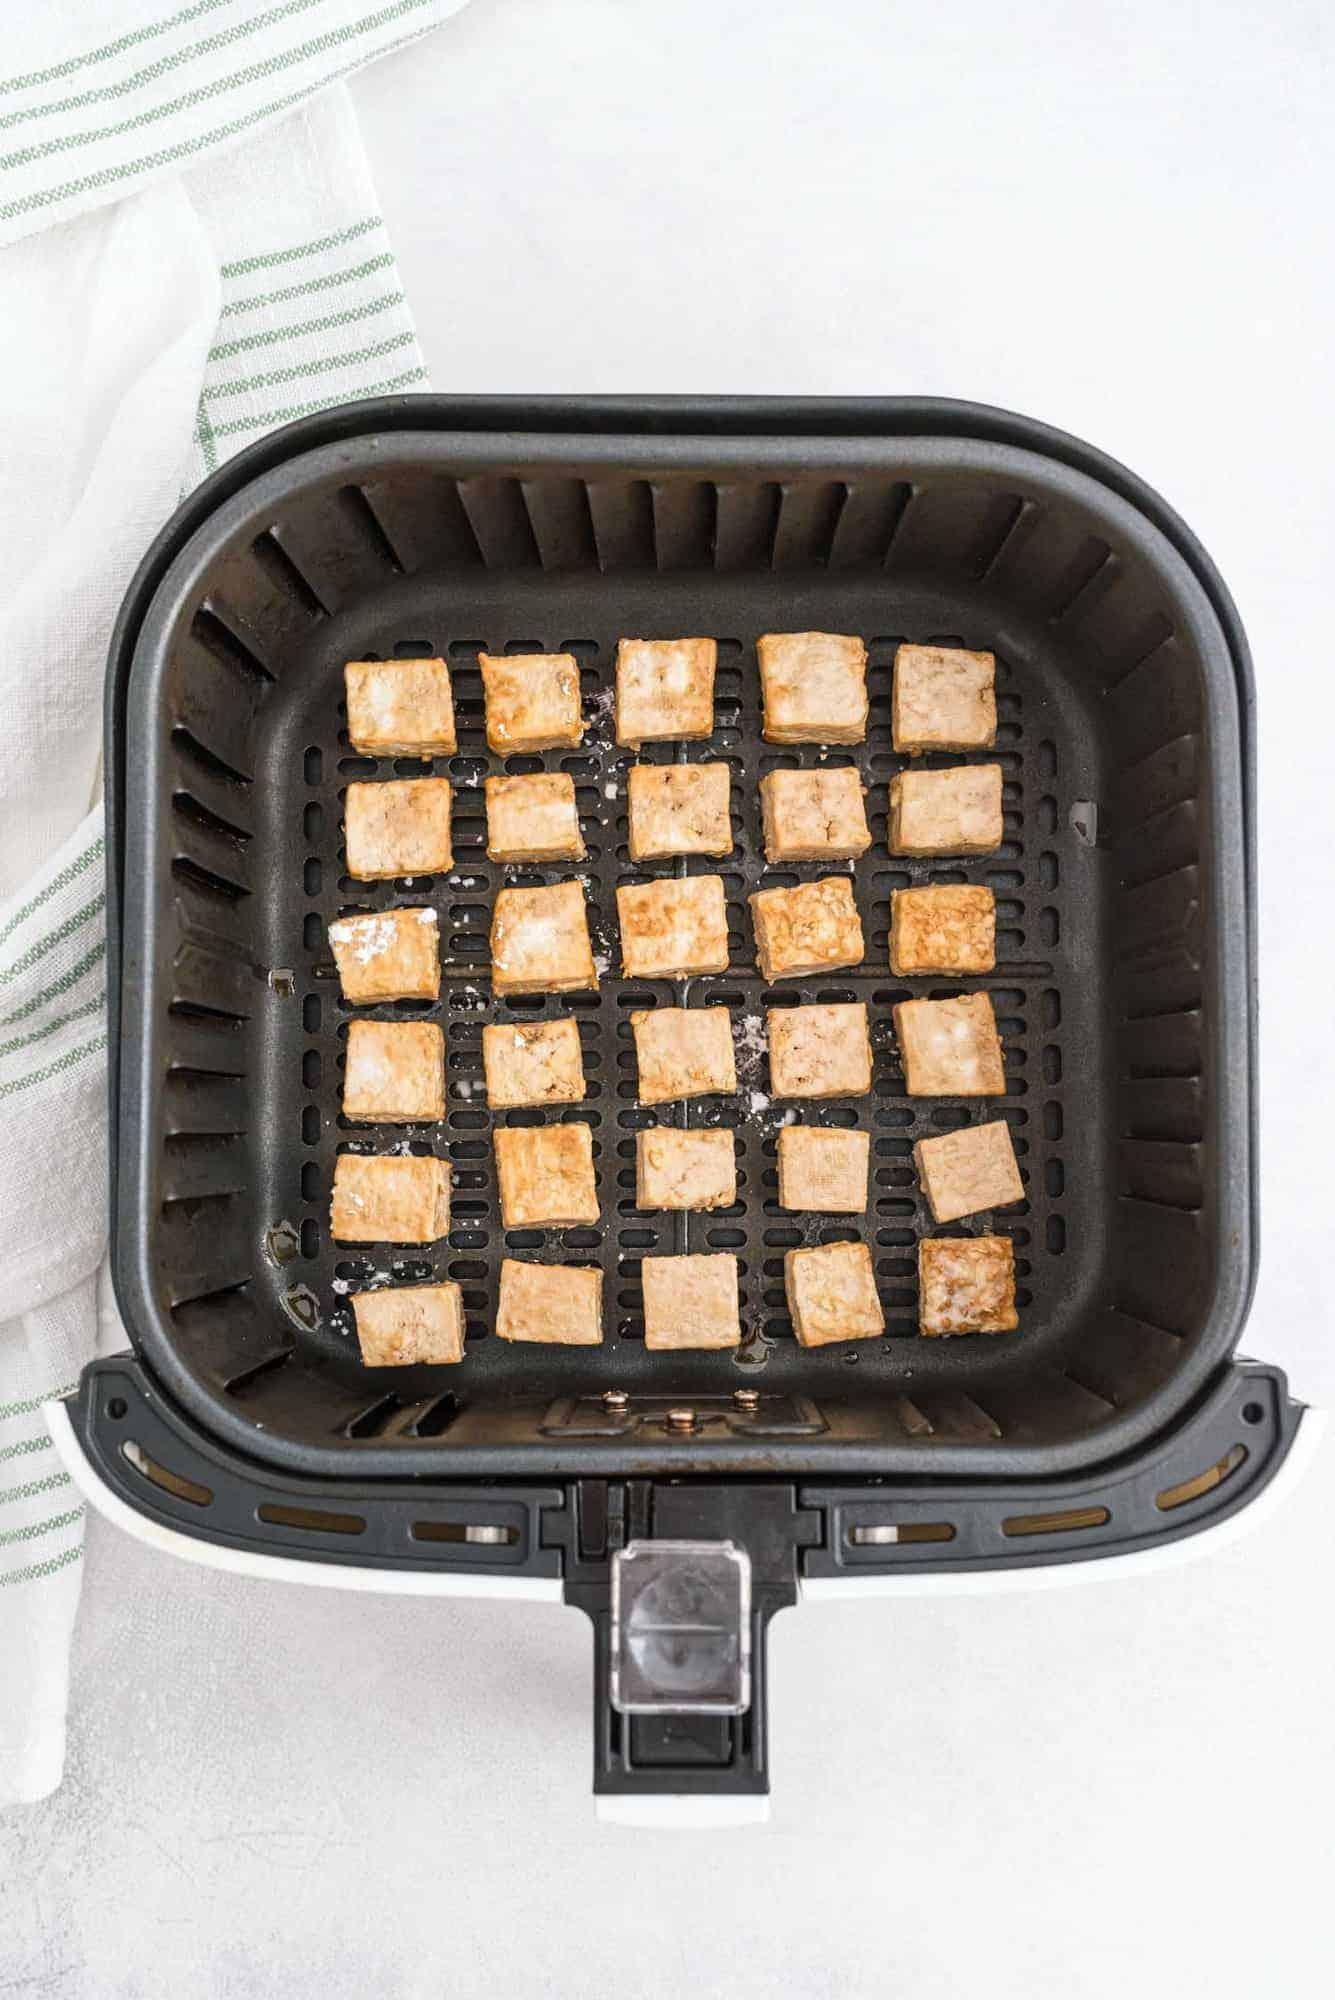 Tofu in an air fryer basket.